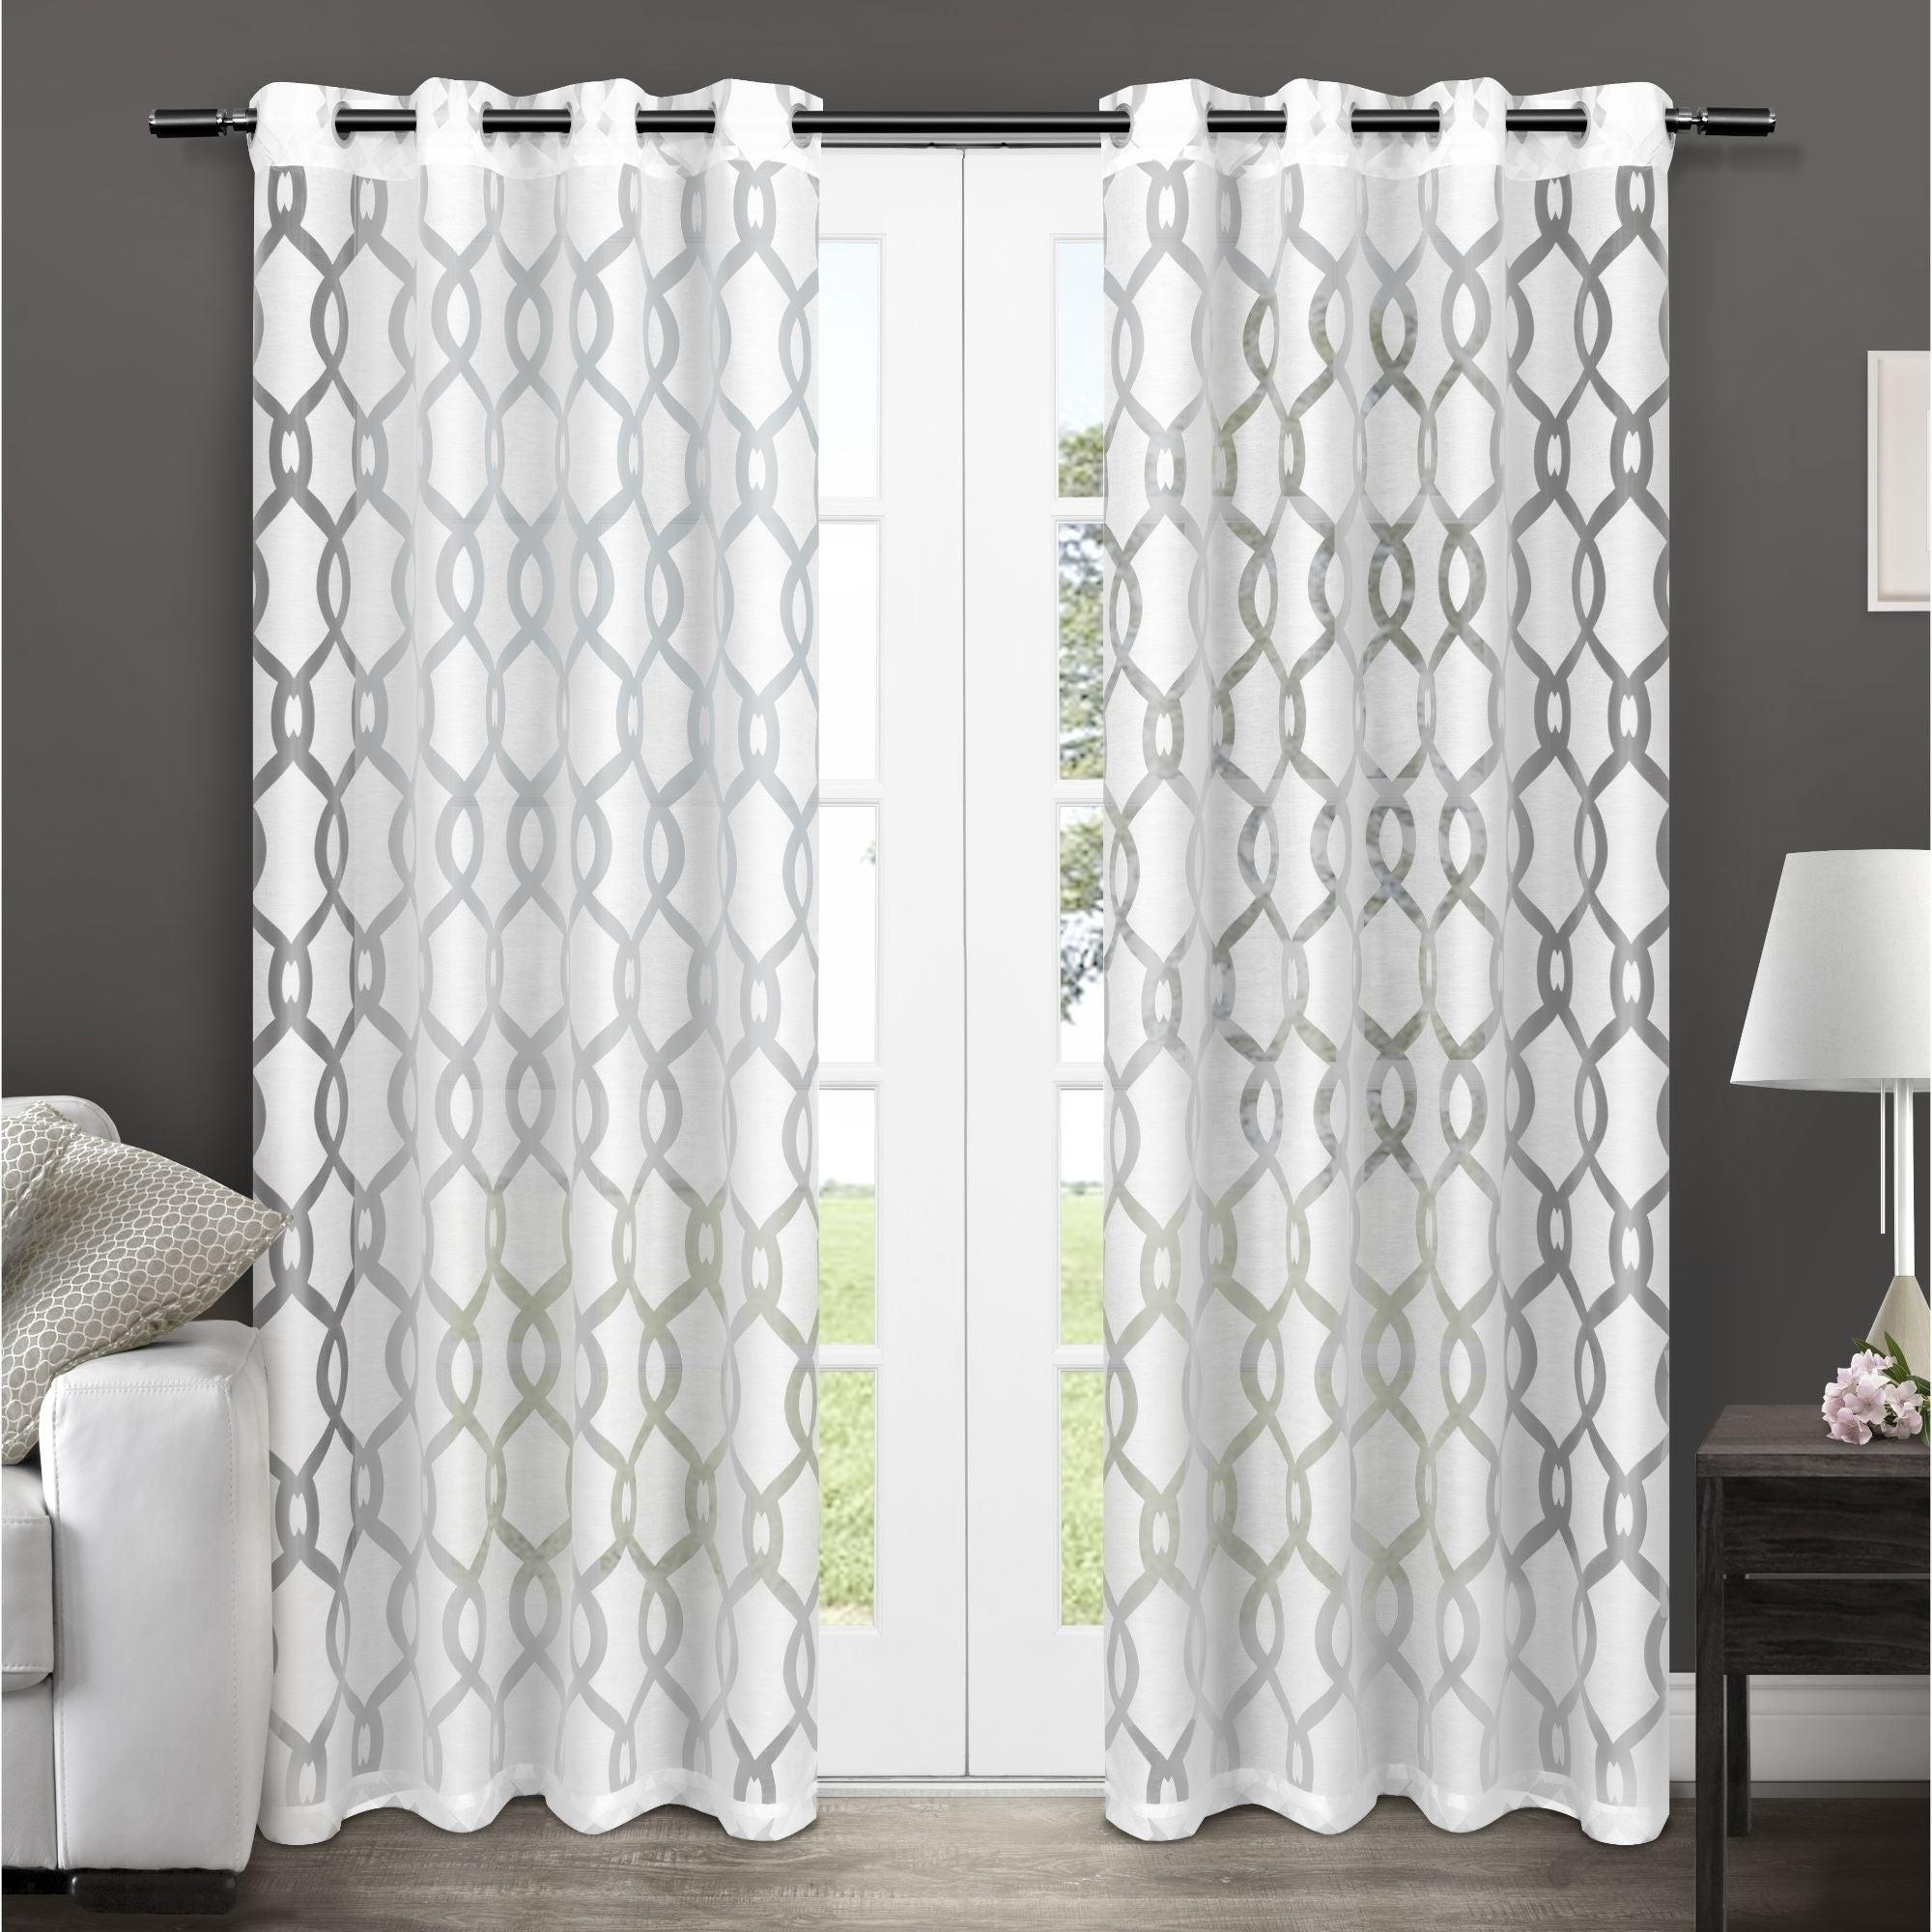 Ati Home Rio Burnout Sheer Grommet Top Curtain Panel Pair Regarding Laya Fretwork Burnout Sheer Curtain Panels (View 18 of 20)